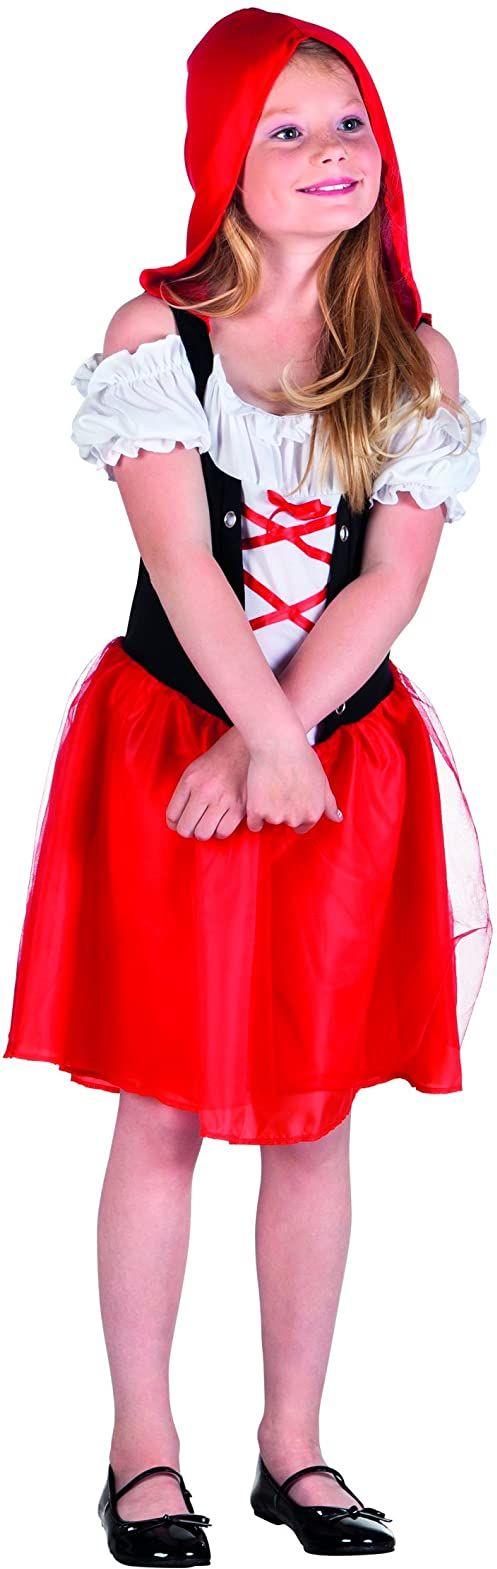 Boland 82198 - kostium dziecięcy Czerwony Kapturek, rozmiar 158